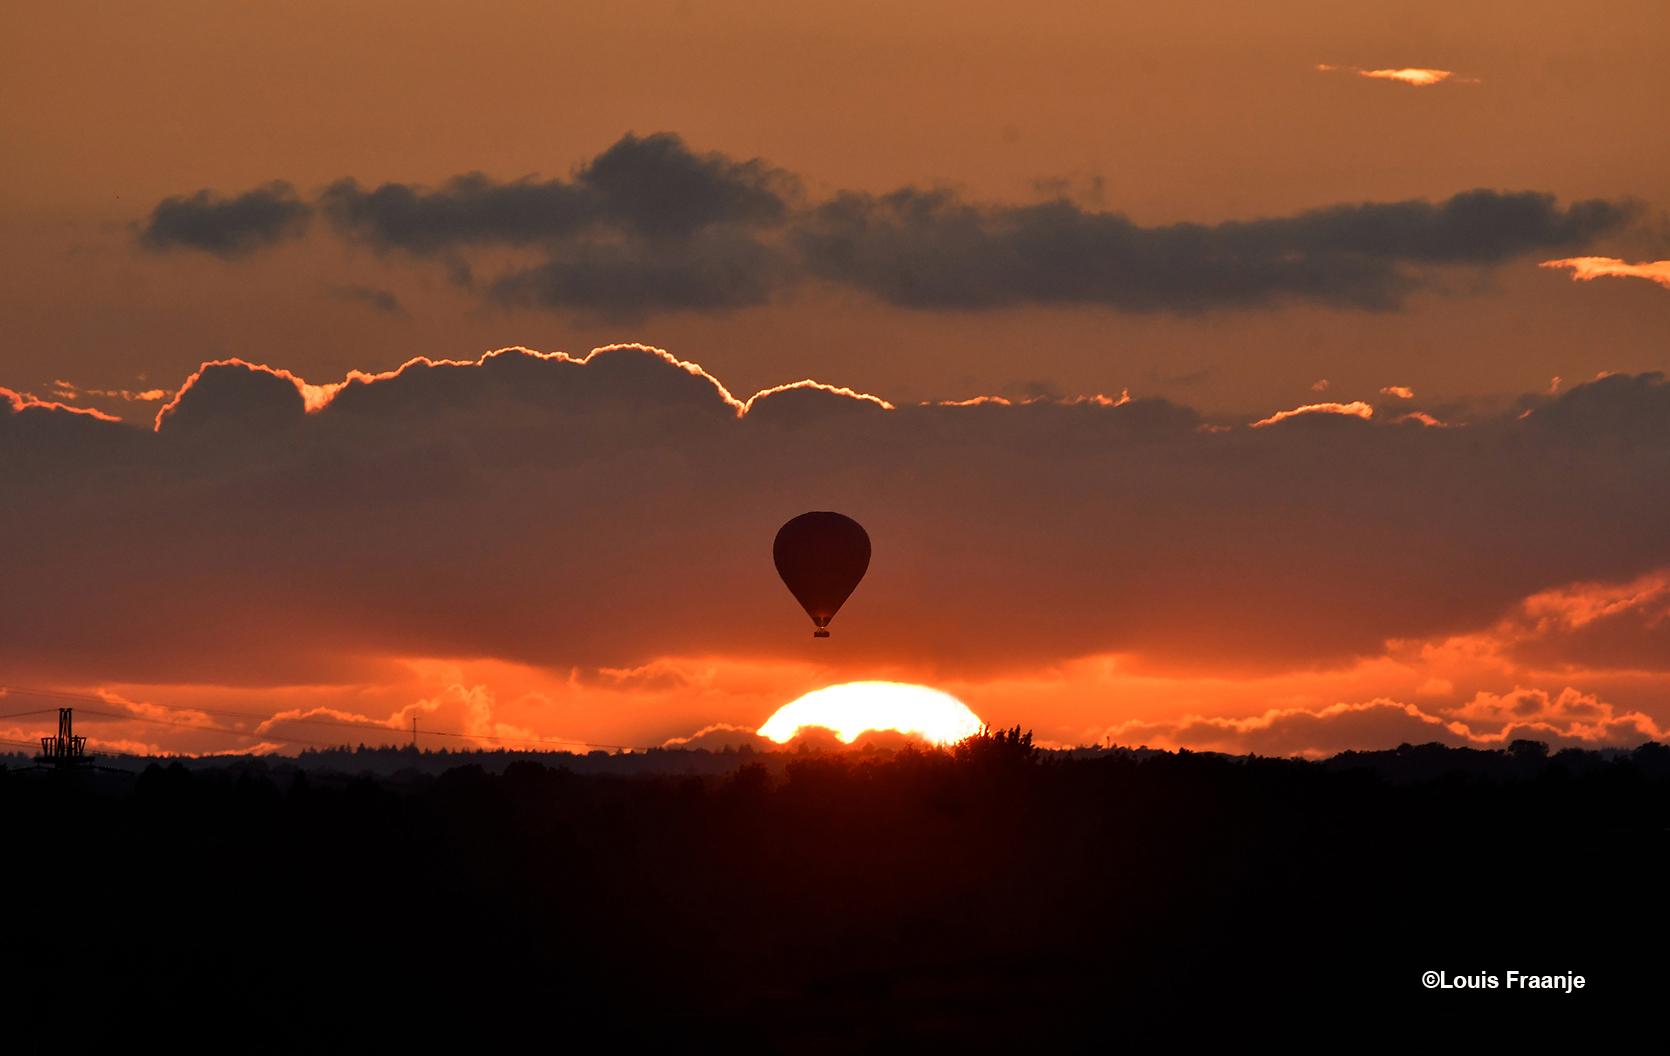 Tijdens de zonsondergang kwam er een luchtballon voorbij varen - Foto: ©Louis Fraanje